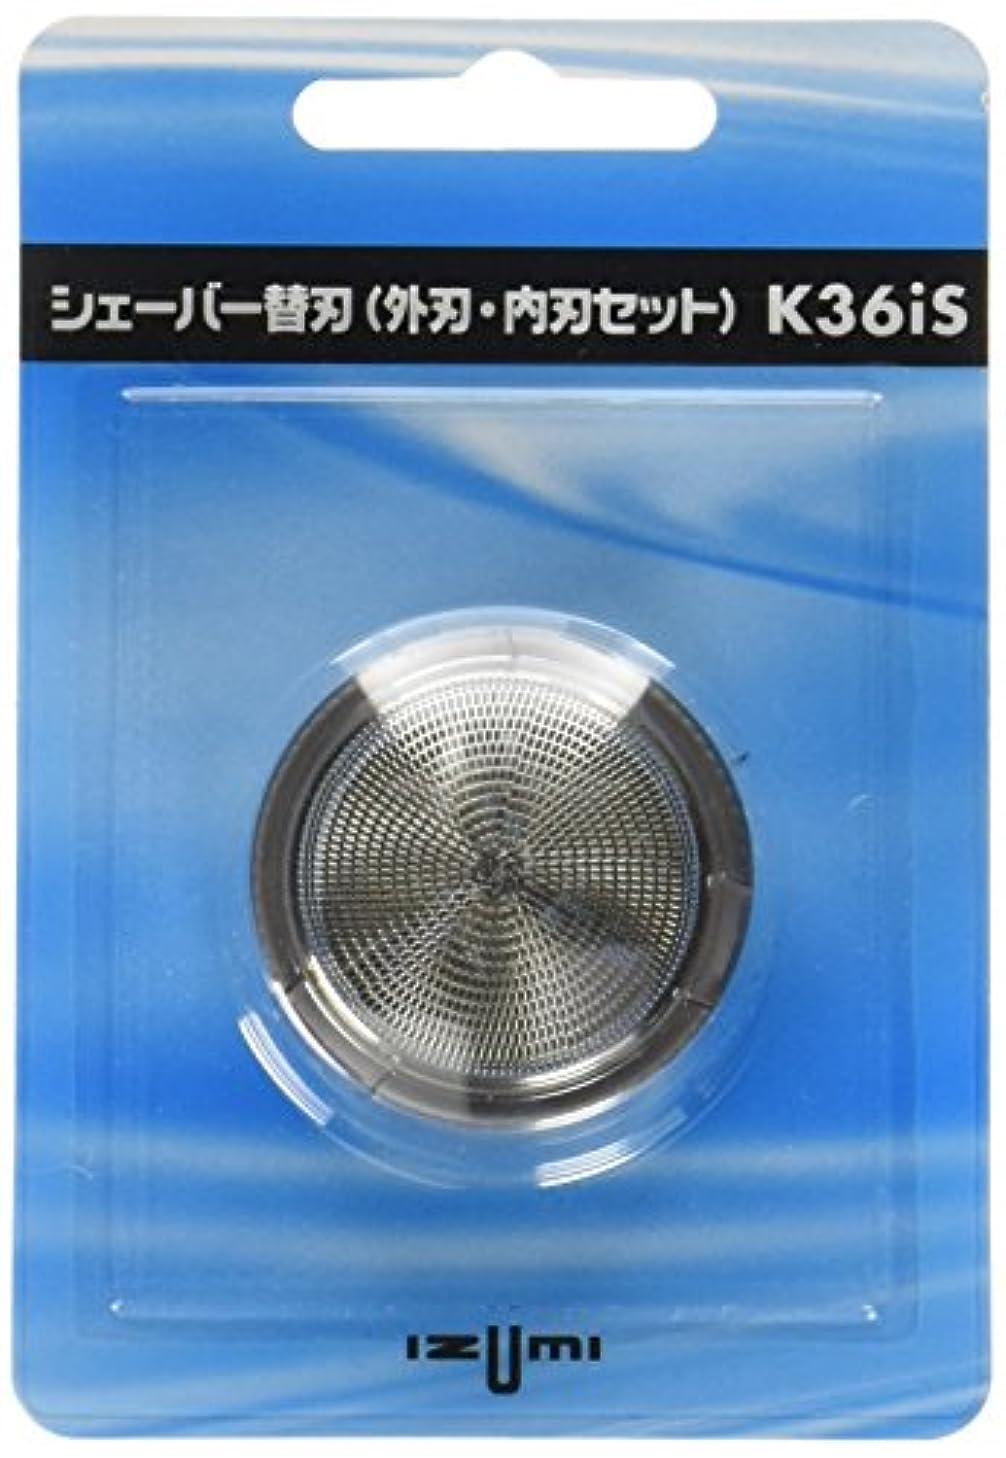 算術拡張マンハッタンIZUMI 回転式シェーバー用内刃?外刃セット K36iS